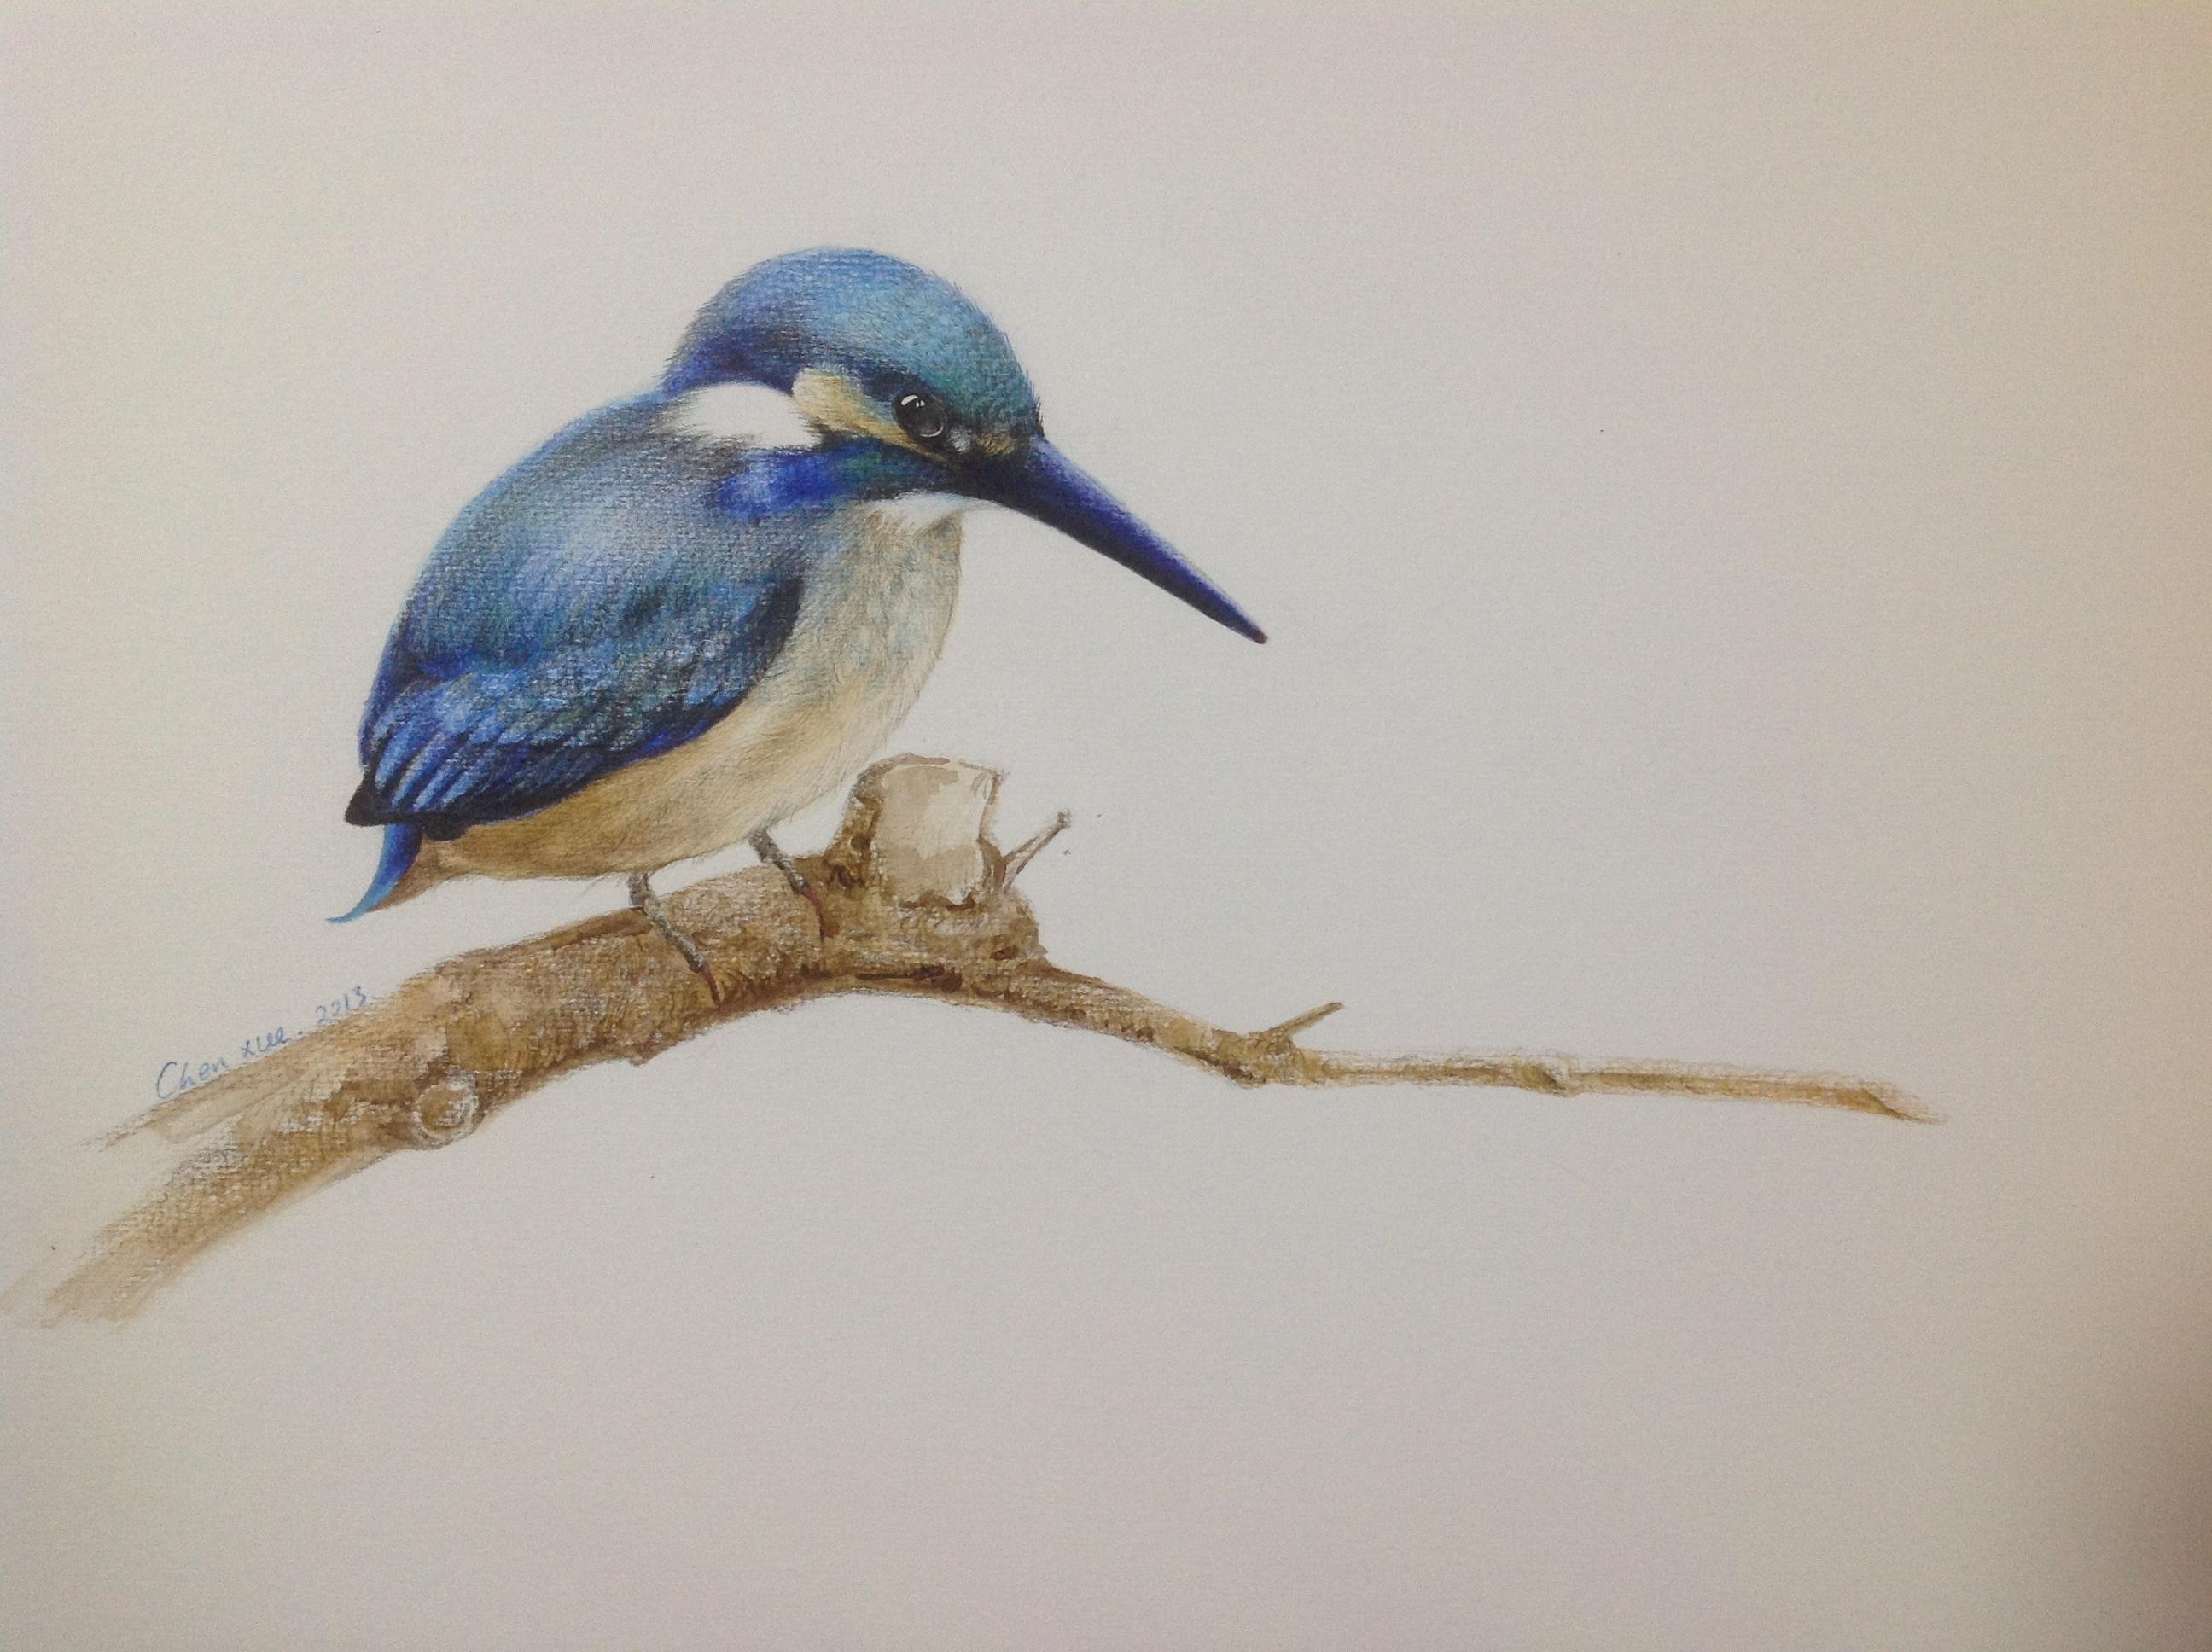 手绘,水彩 彩铅,可爱的小鸟